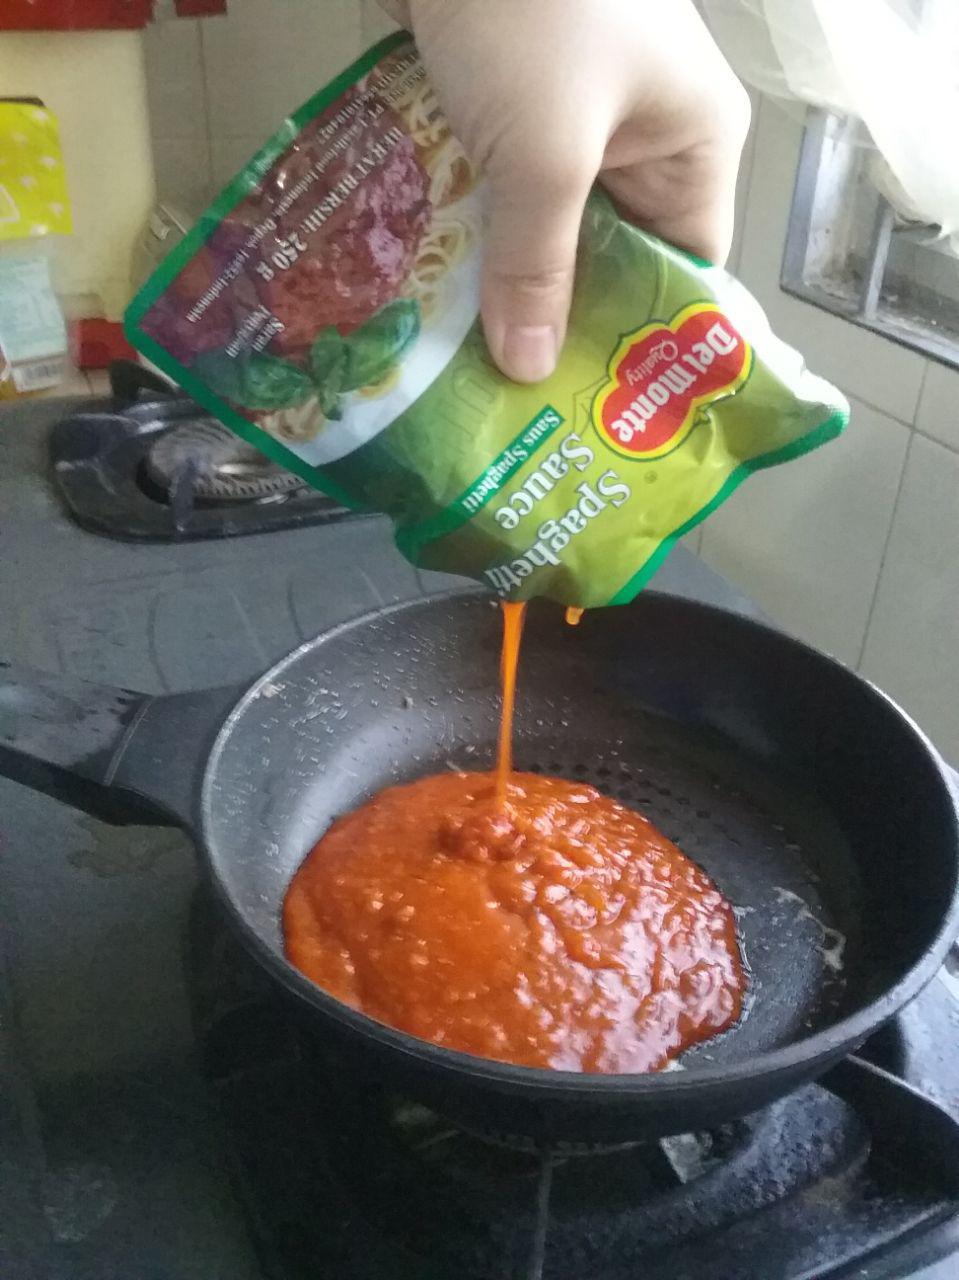 gambar review ke-4 untuk Del Monte Spaghetti Sauce